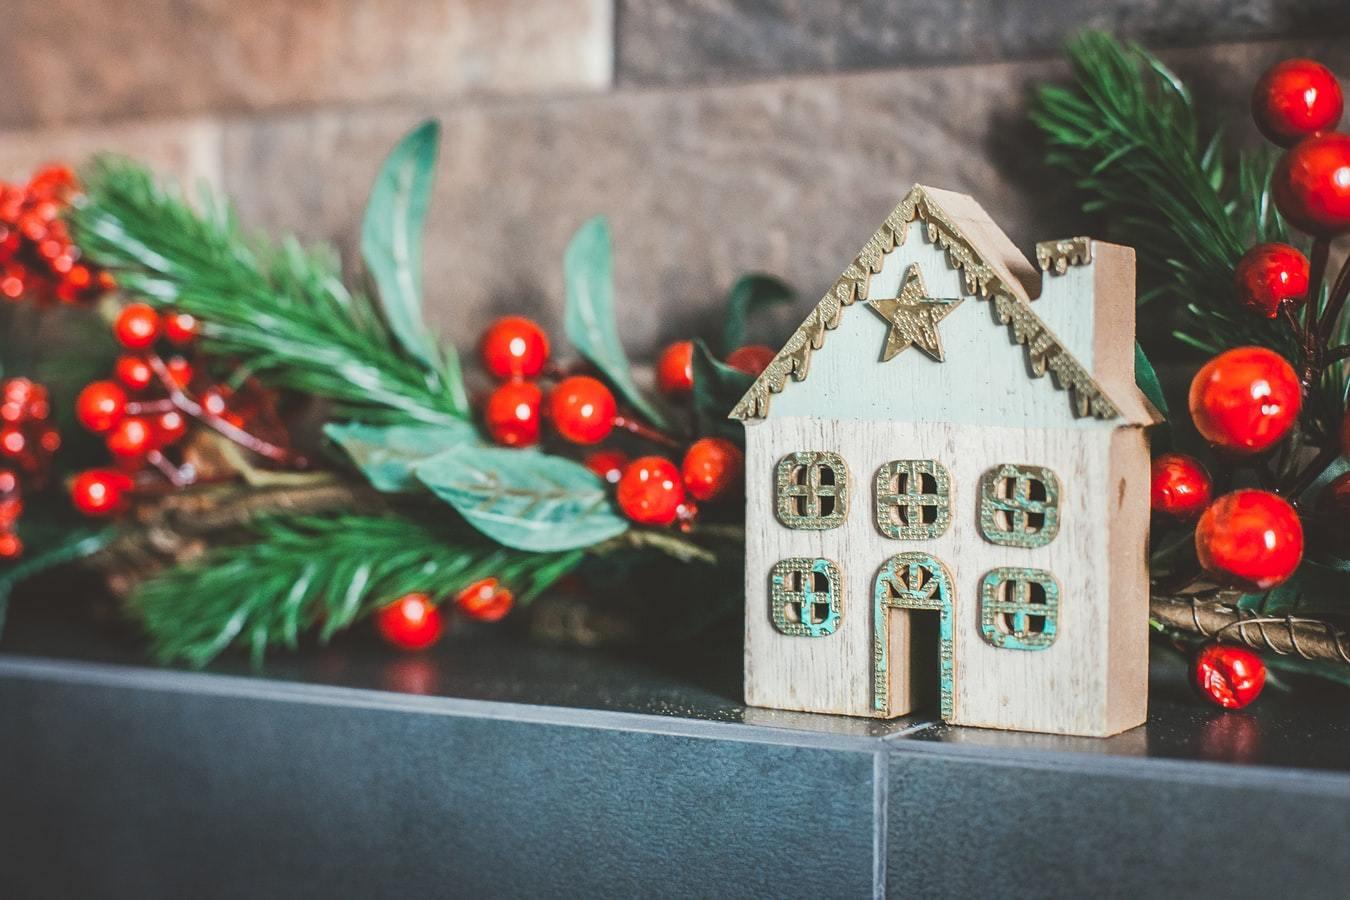 Christmas gifts, home decor, winter season